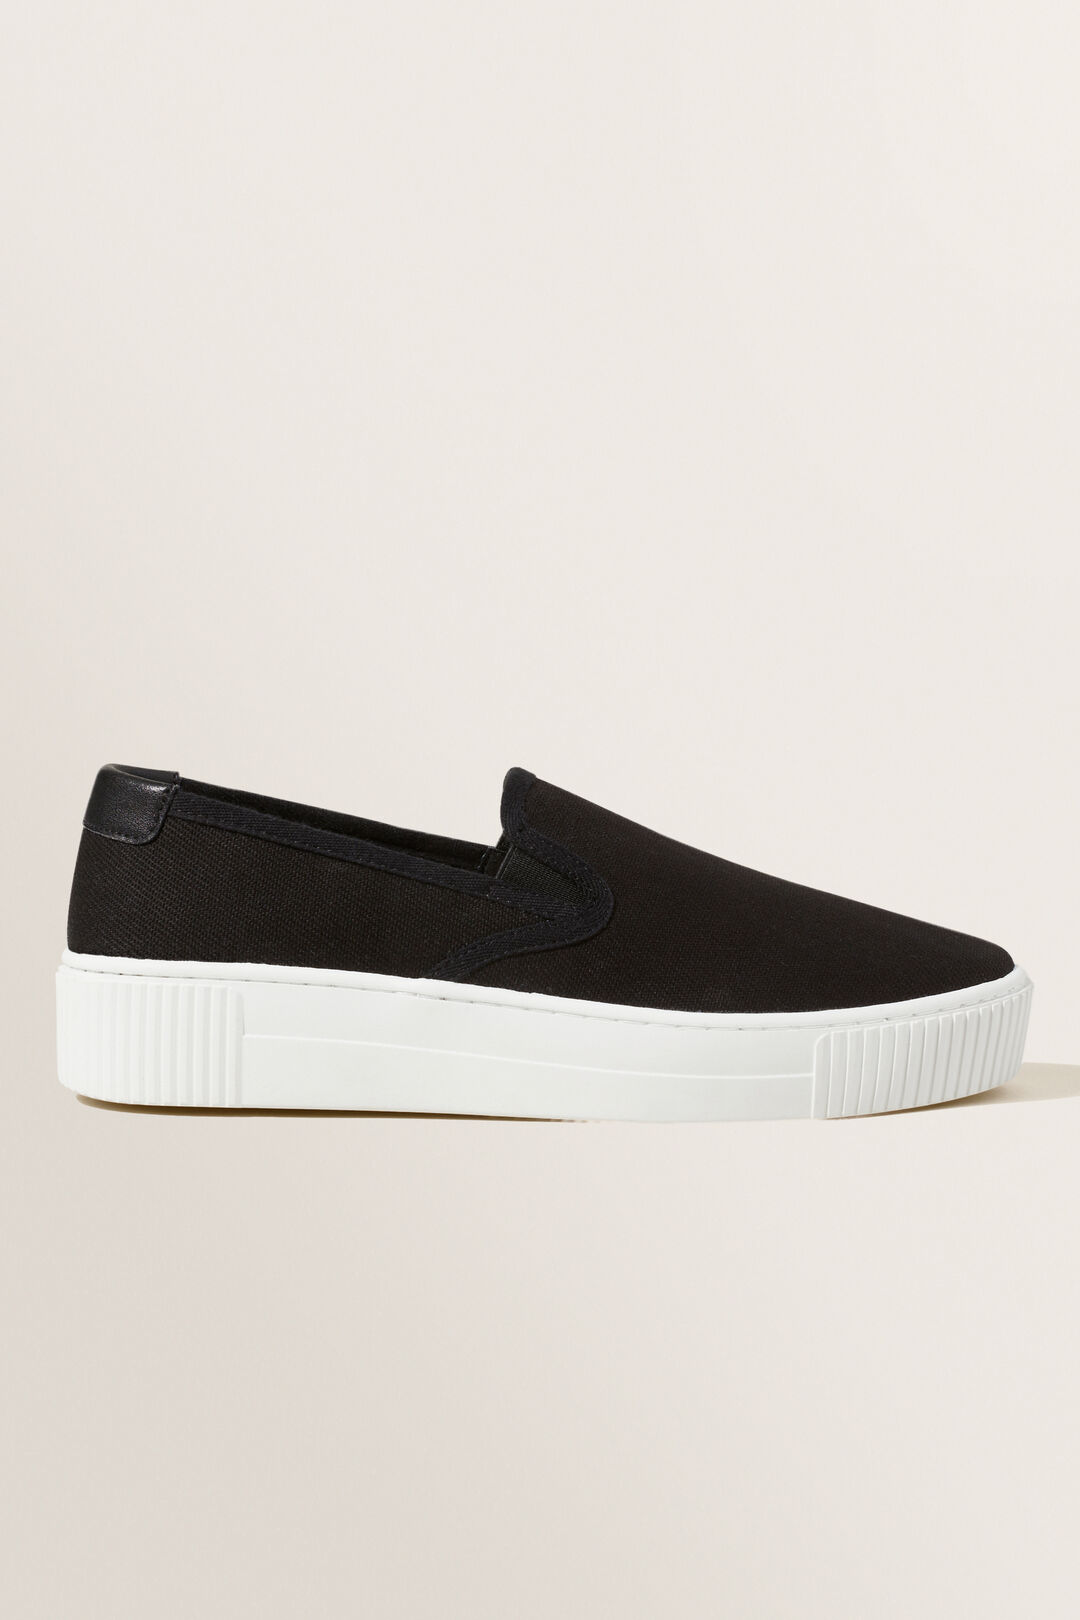 Zoey Slip On Sneaker  Black  hi-res